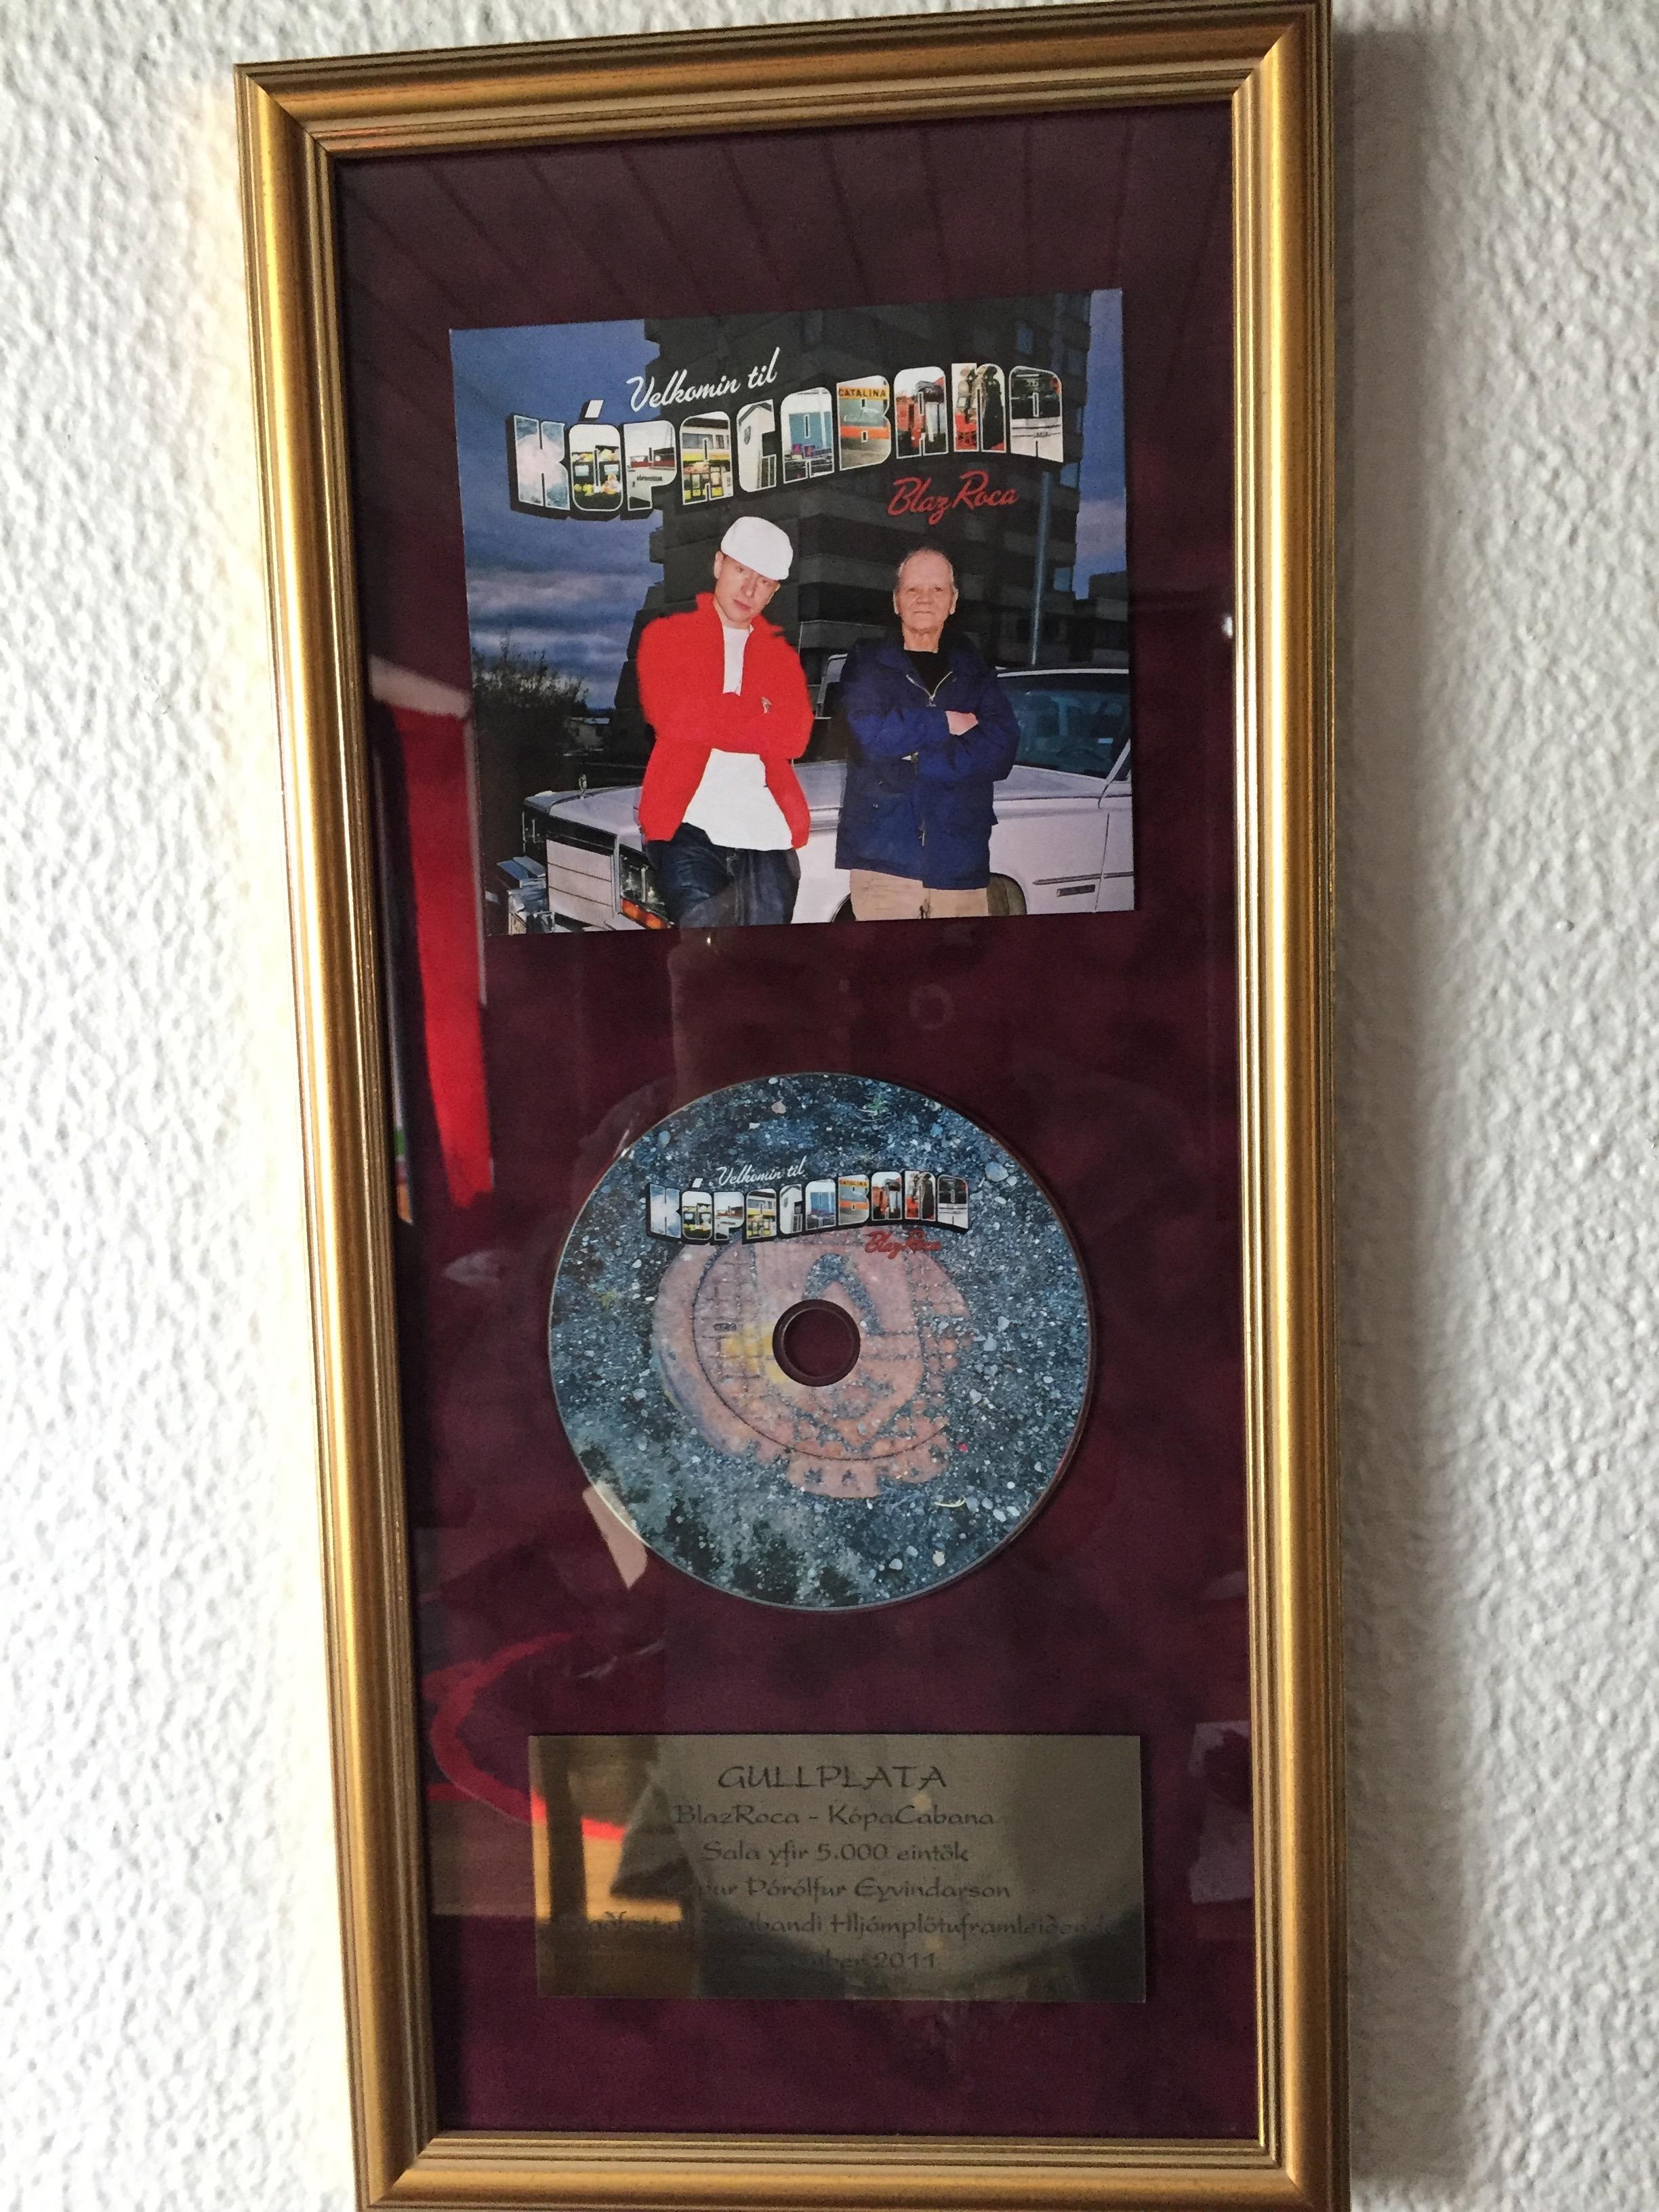 Interview rapper Blaz Roca award Kópacabana Gold Disc